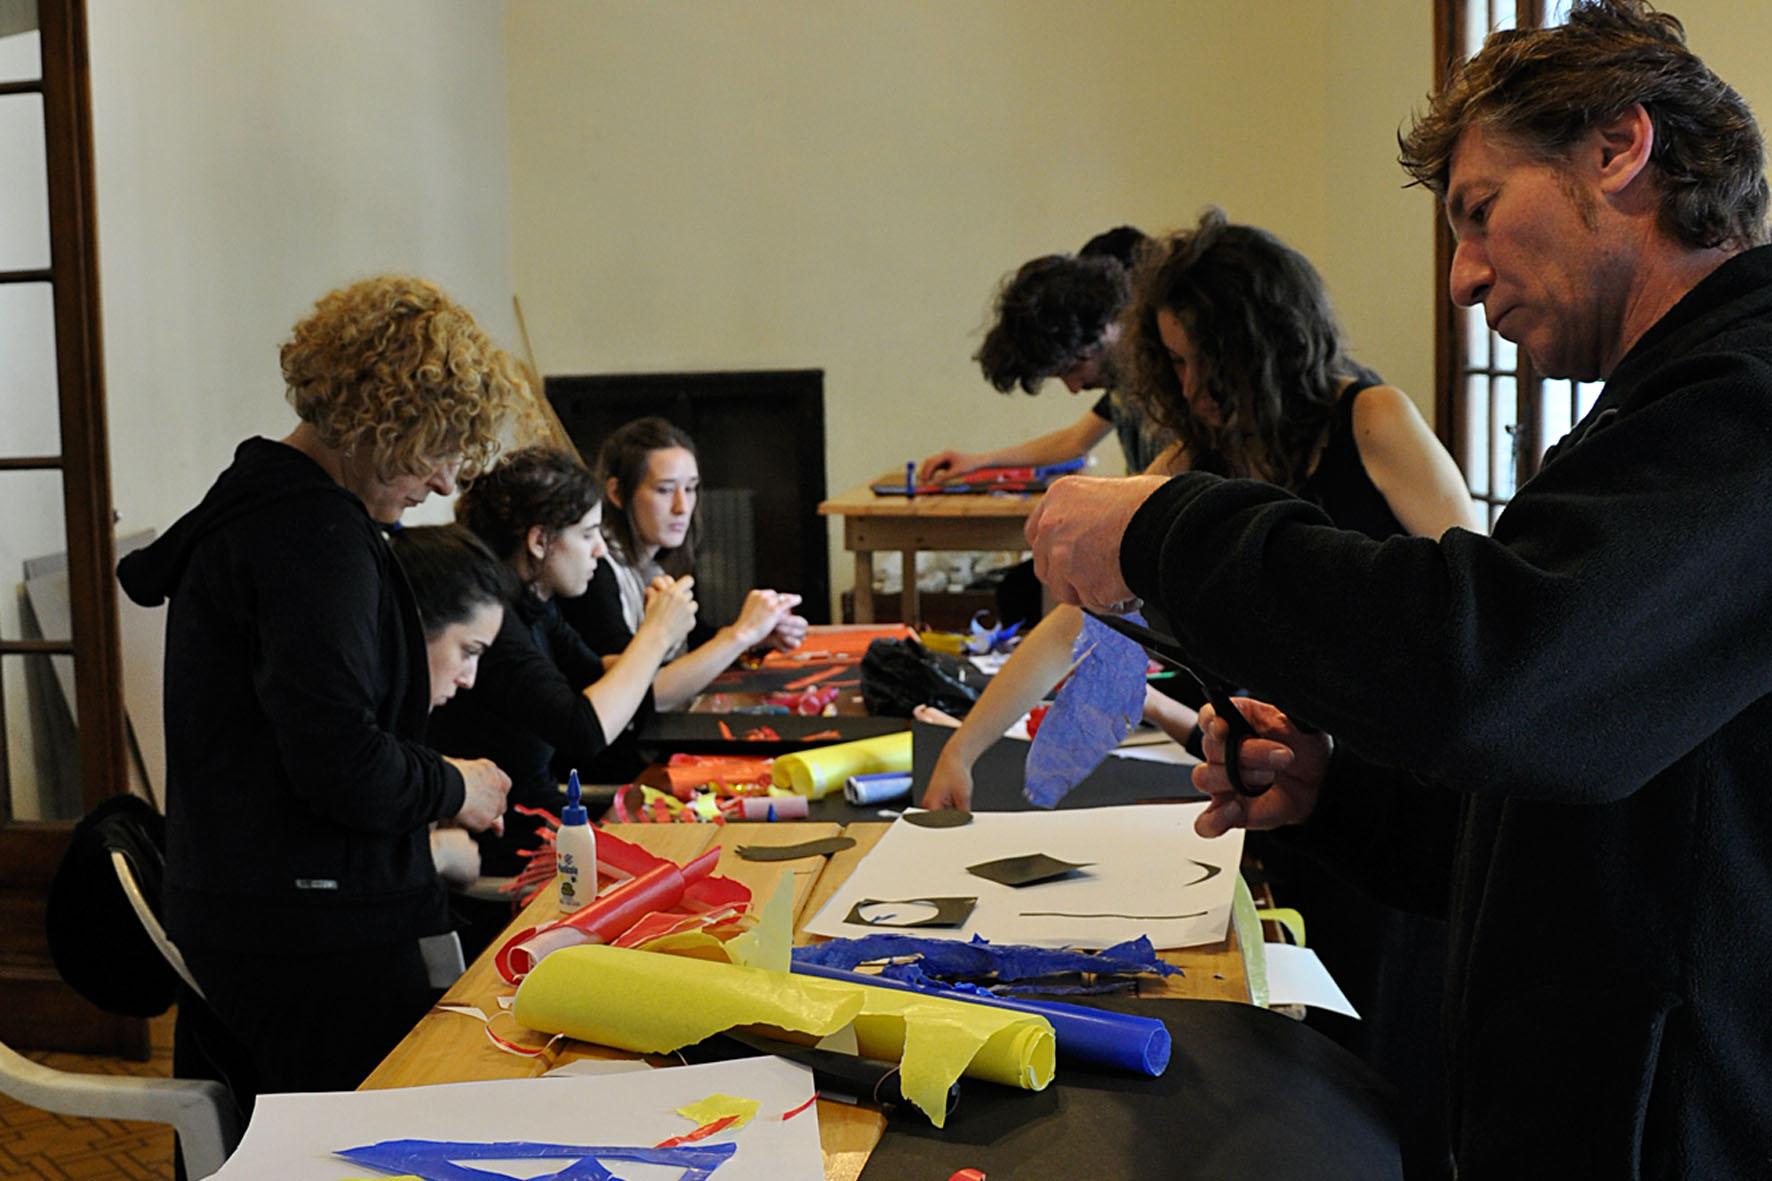 Workshop Estudio del movimiento, encadré par Azul Borenstein et Claudia Urrutia. Cabuia teatro. Argentina, Buenos Aires-2010